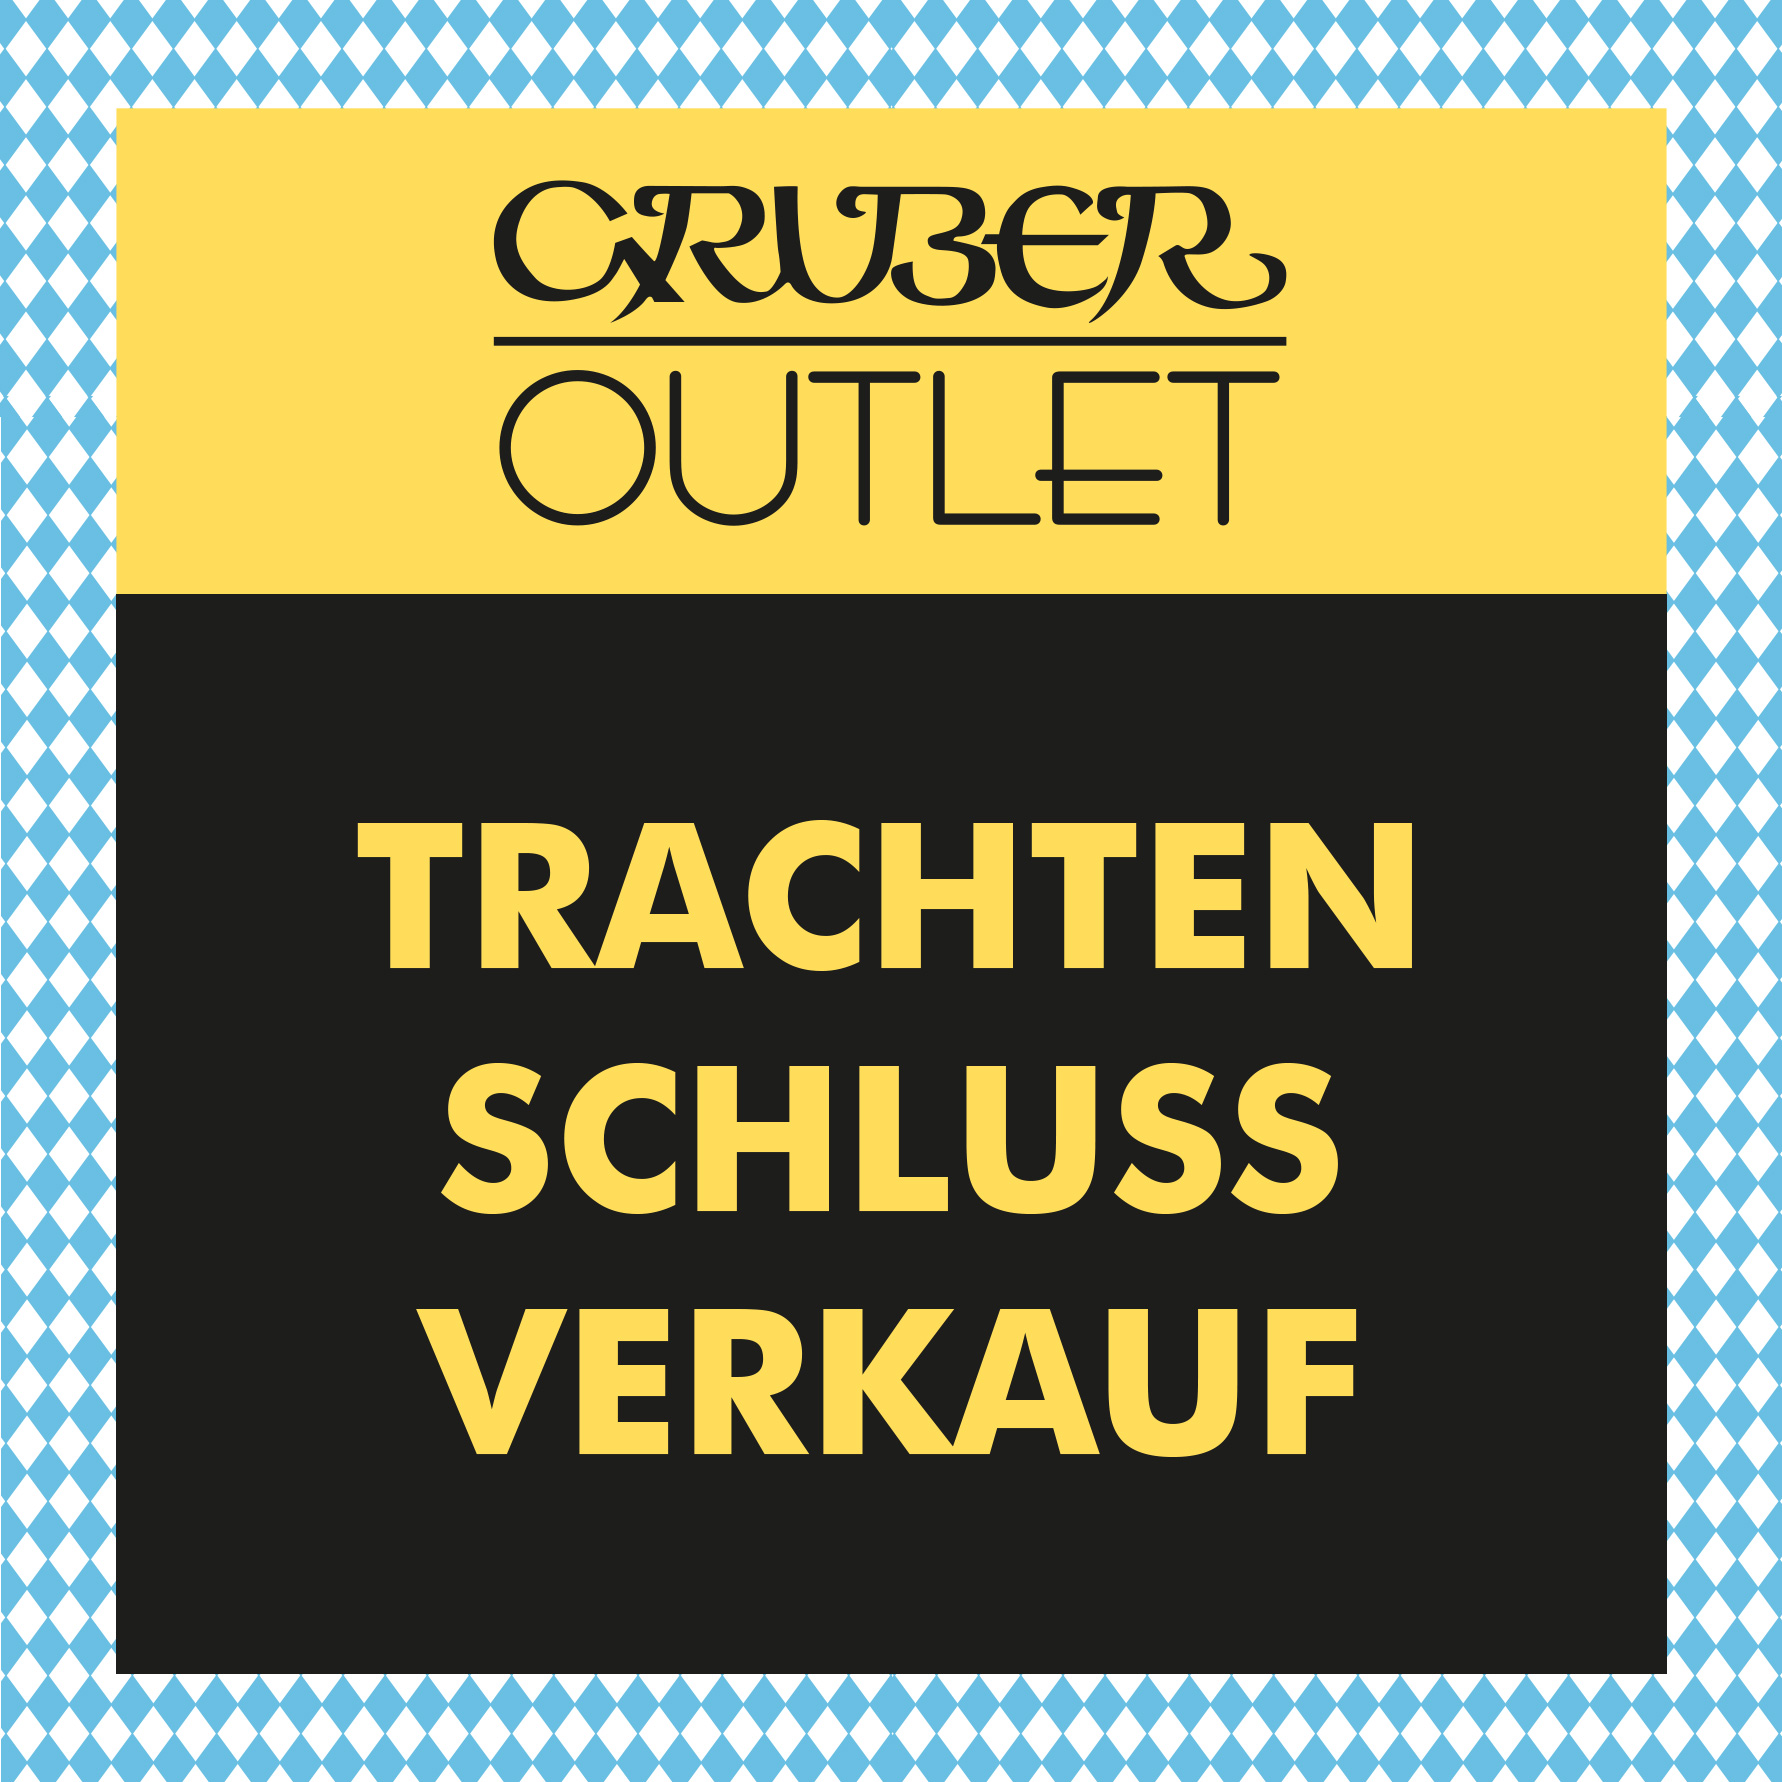 Trachtenschlussverkauf im Outlet Freising und Dorfen